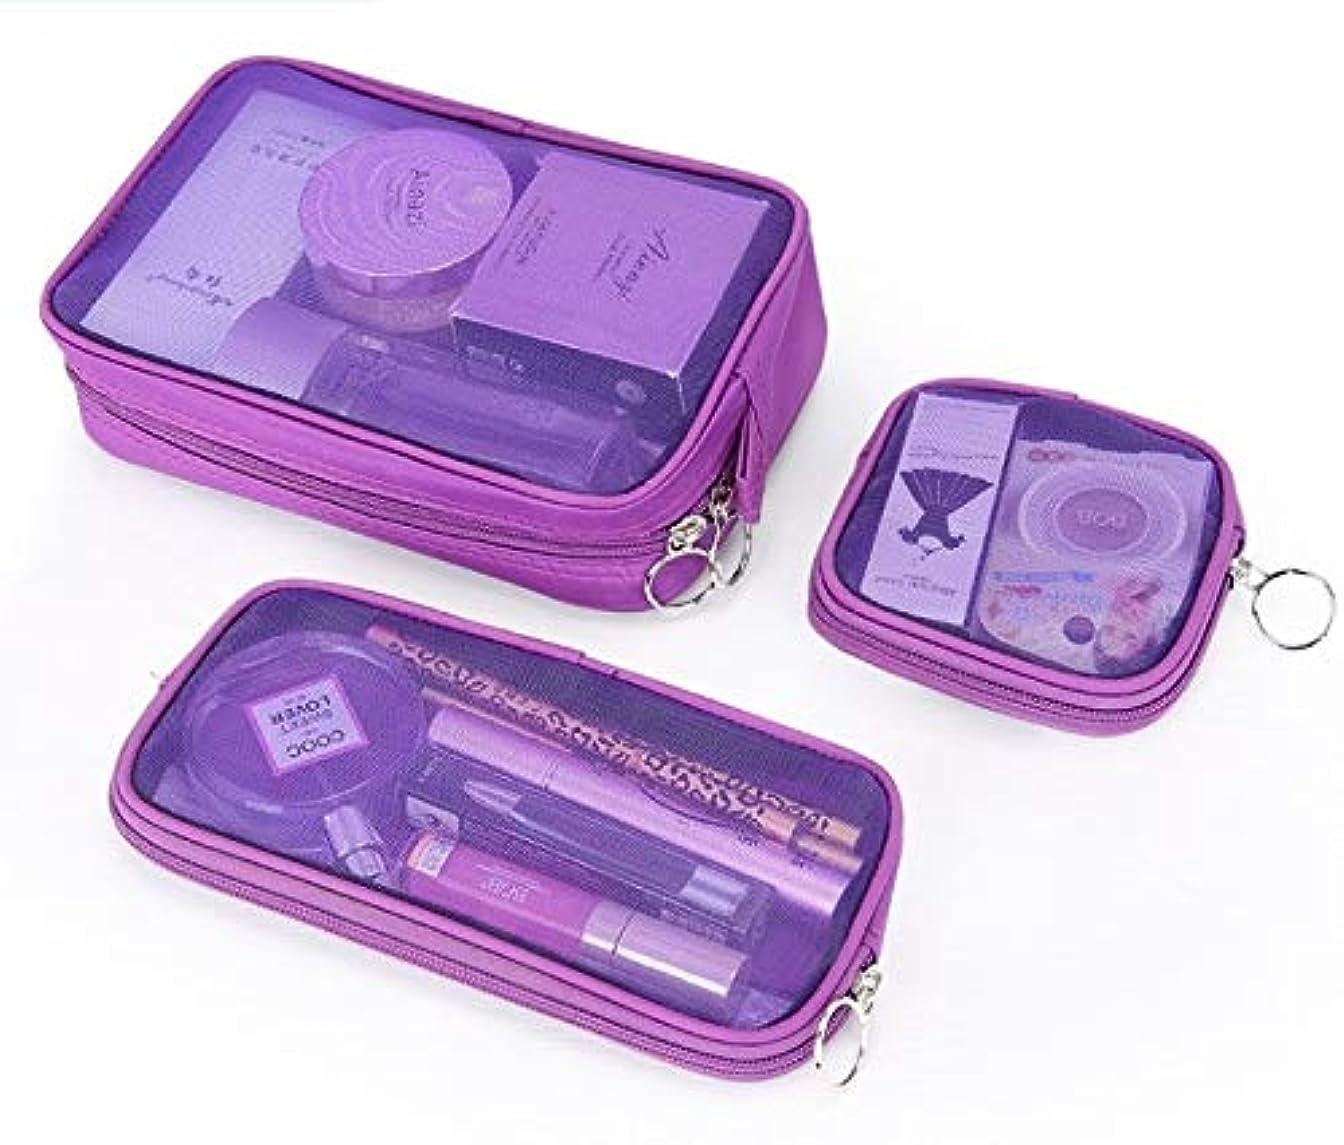 お客様再開屋内で化粧箱、3の透明メッシュ化粧品袋セット、ポータブル旅行化粧品袋収納袋、美容ネイルジュエリー収納ボックス (Color : Purple)